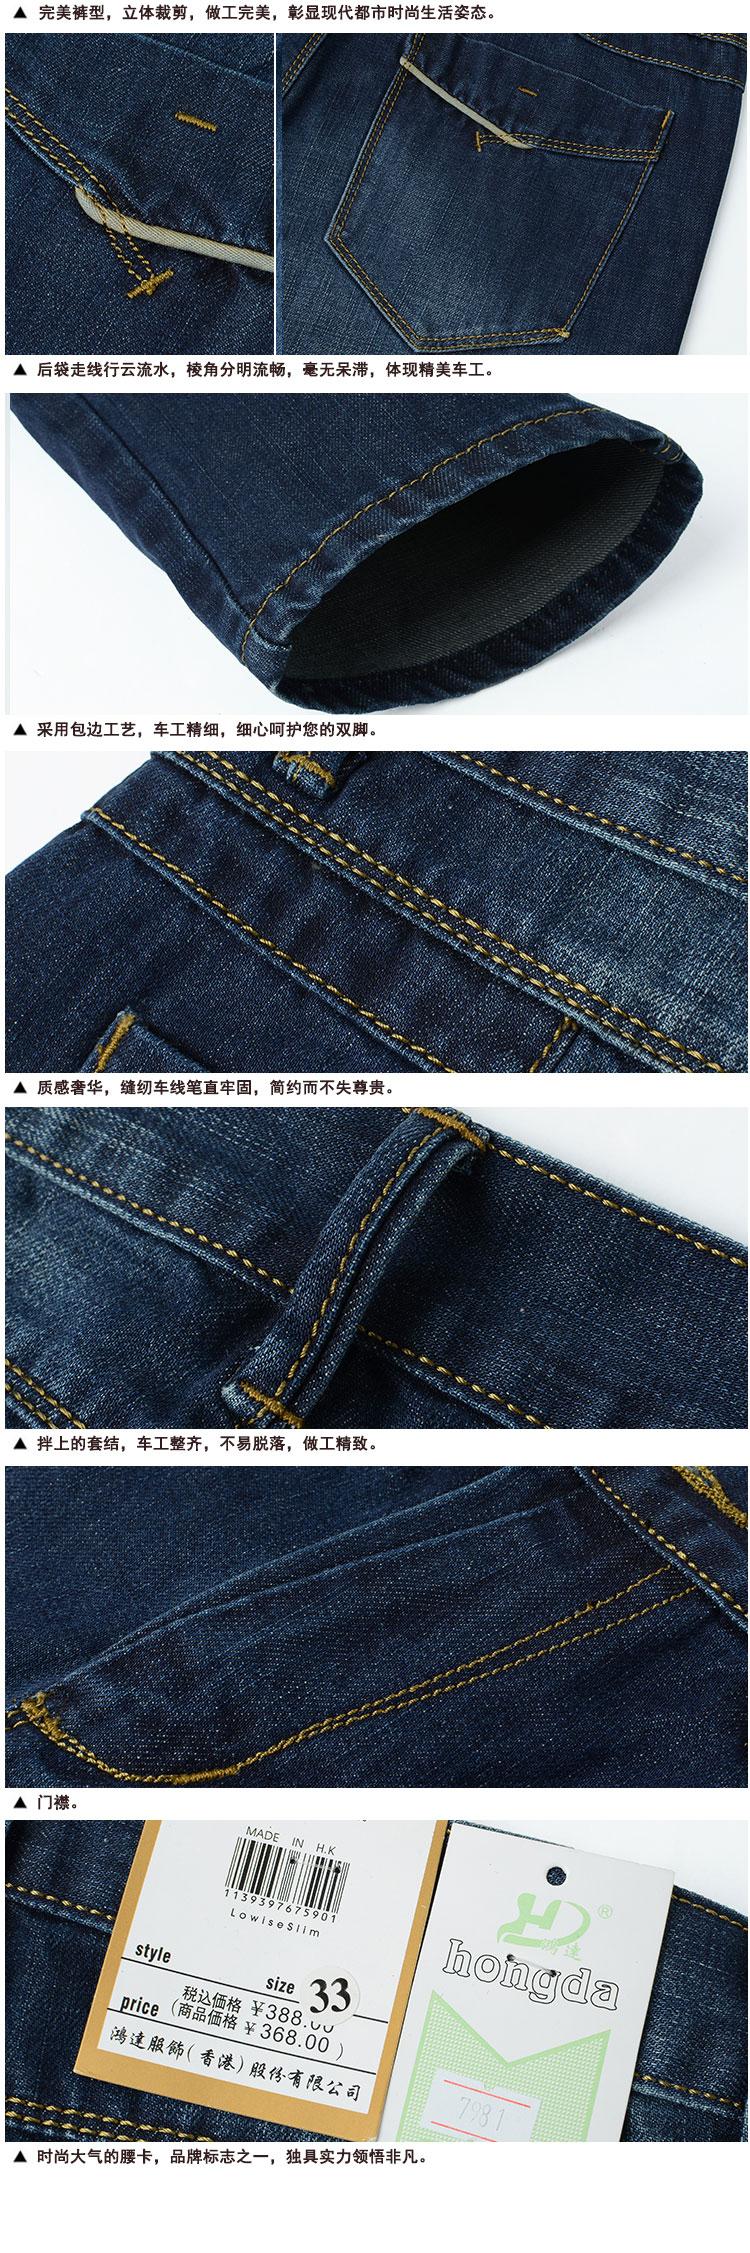 库存牛仔裤男39元批发 修身男式牛仔长裤 男装新款图片六